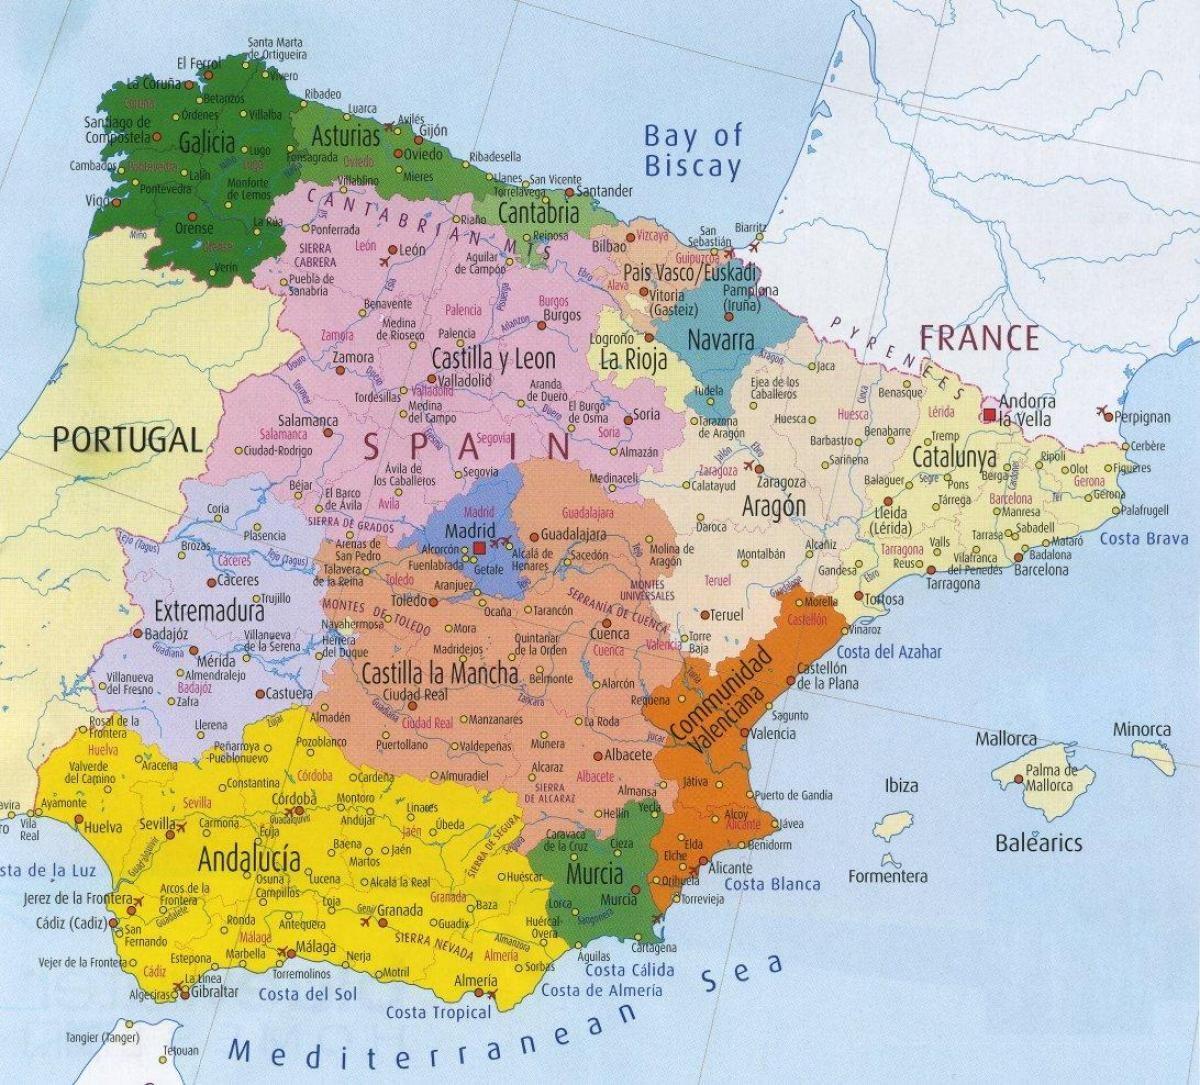 Mapa Da Regiao Da Espanha Mapa Detalhado Da Espanha Com Regioes